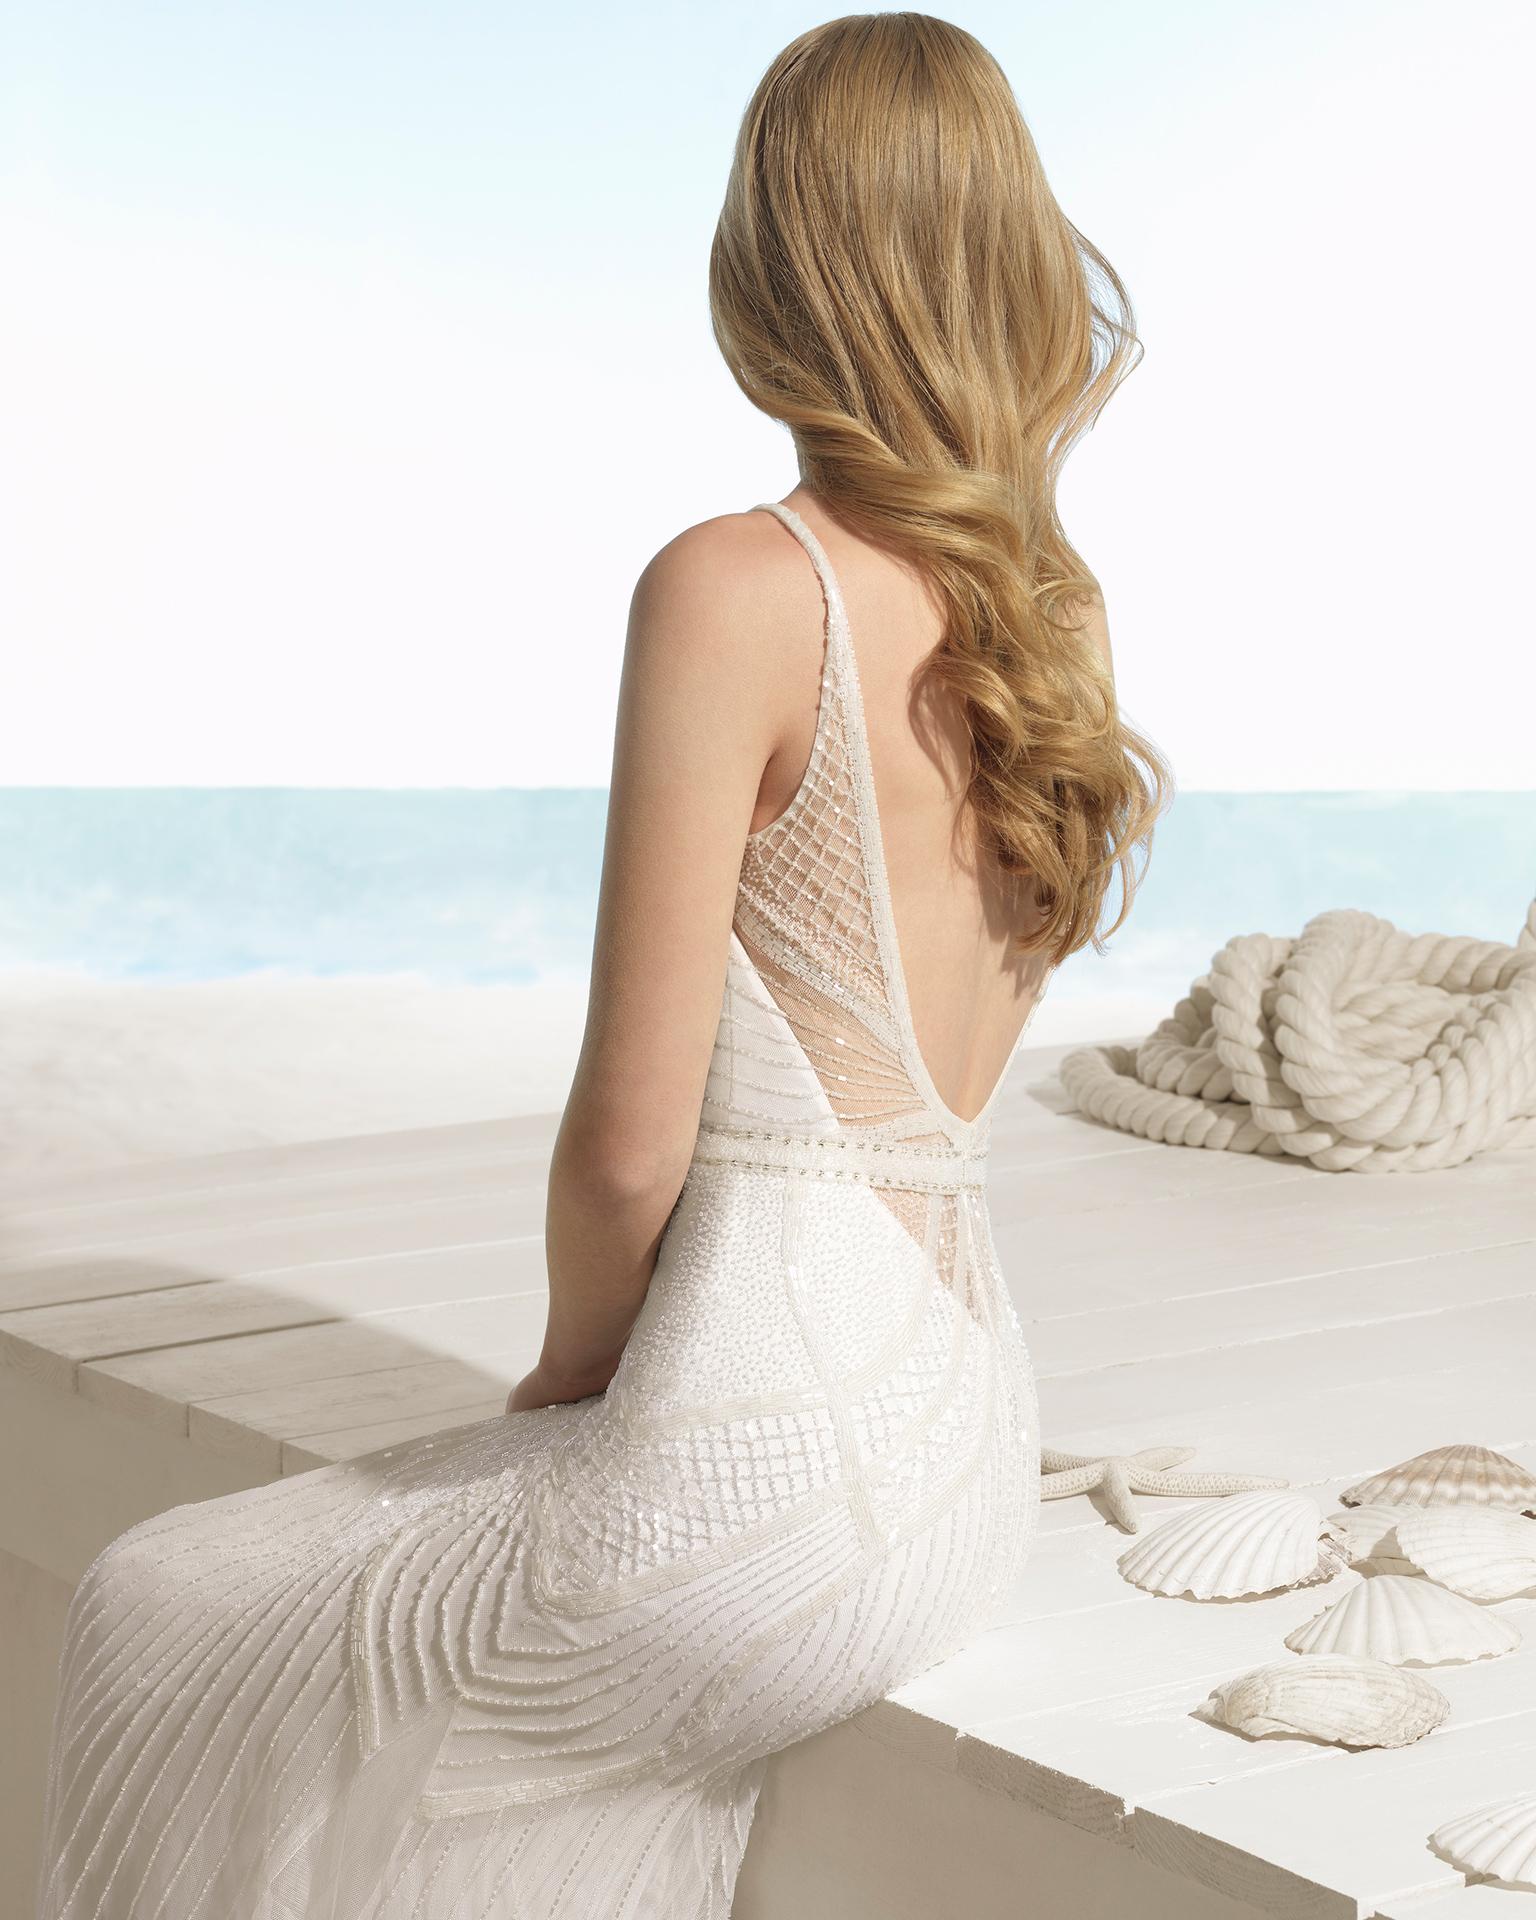 Rochie de mireasă în stil boho din strasuri cu decolteu în formă de inimă și spatele în V de culoare ecru și ecru/argint.